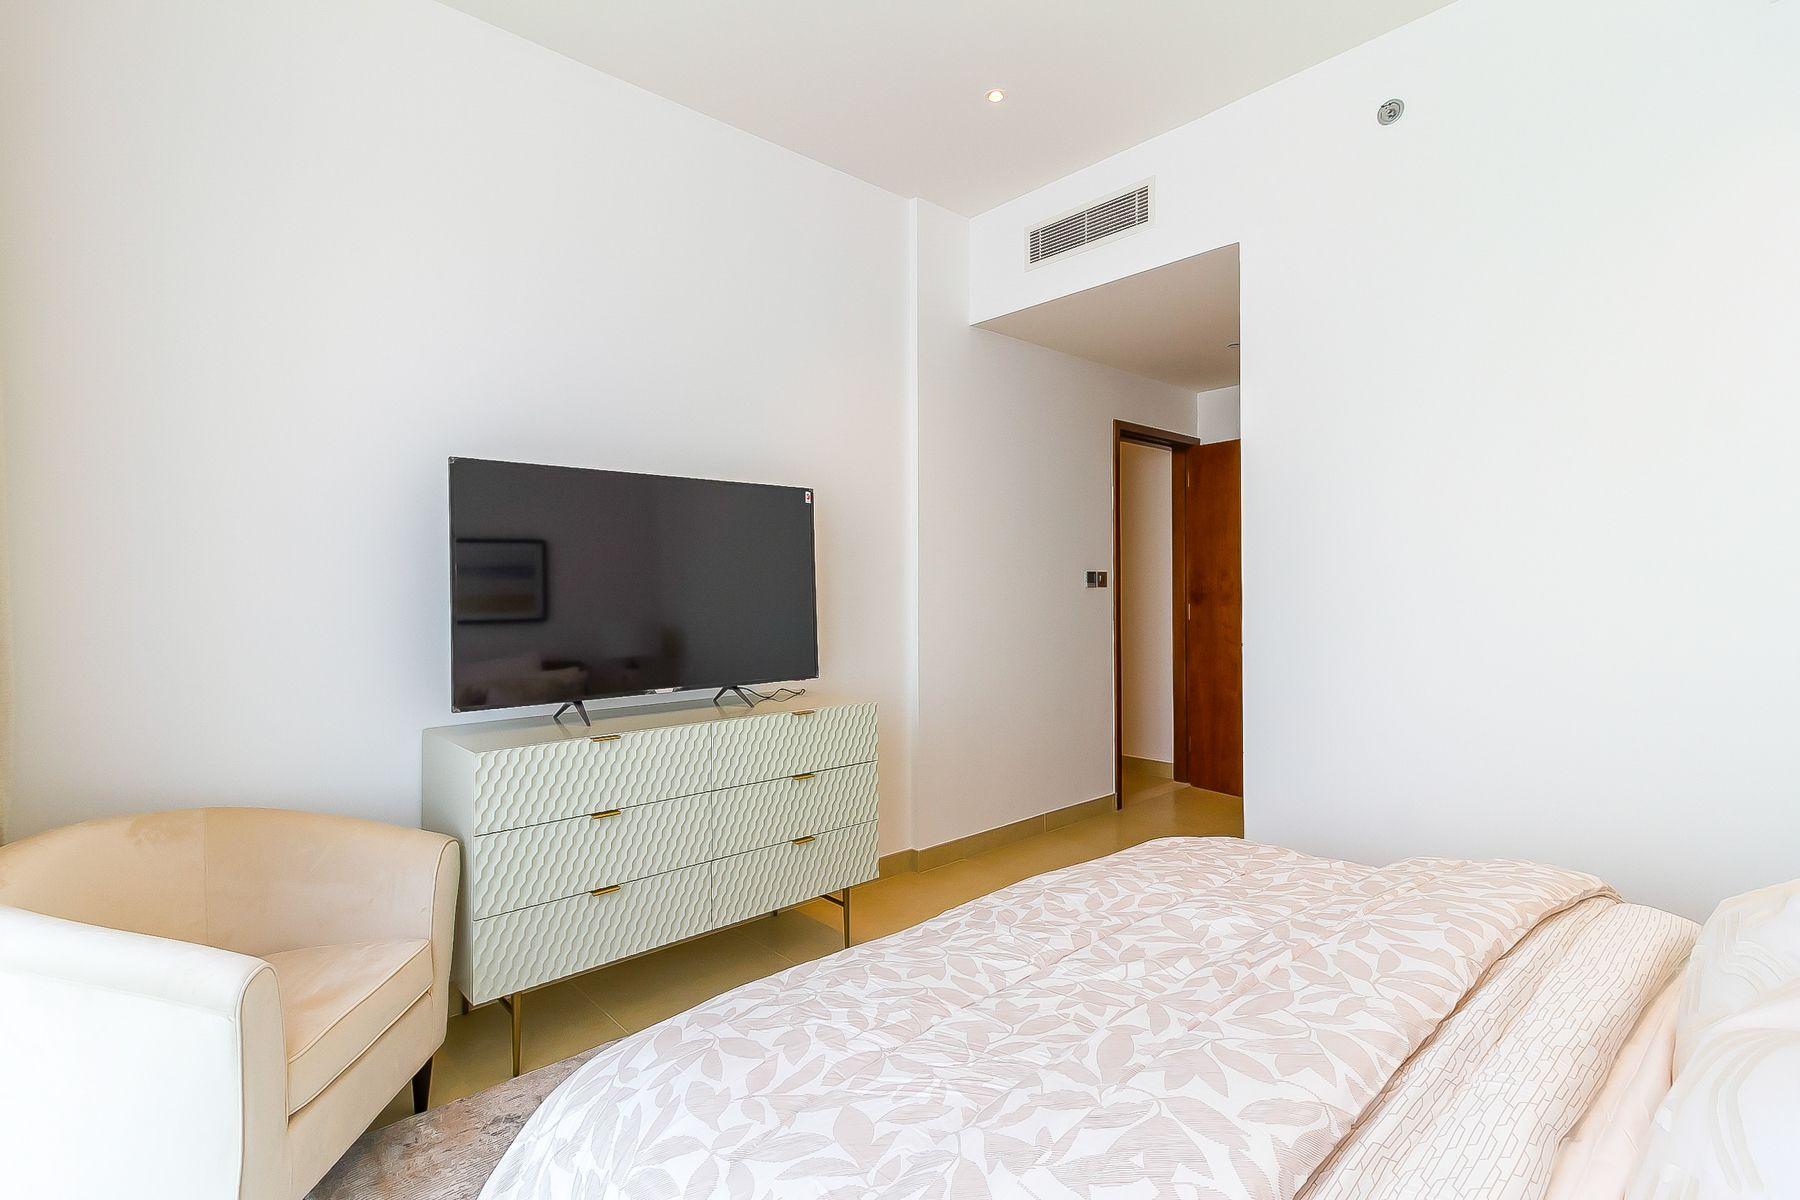 للايجار - شقة - بوابة المارينا 1, دبي مارينا